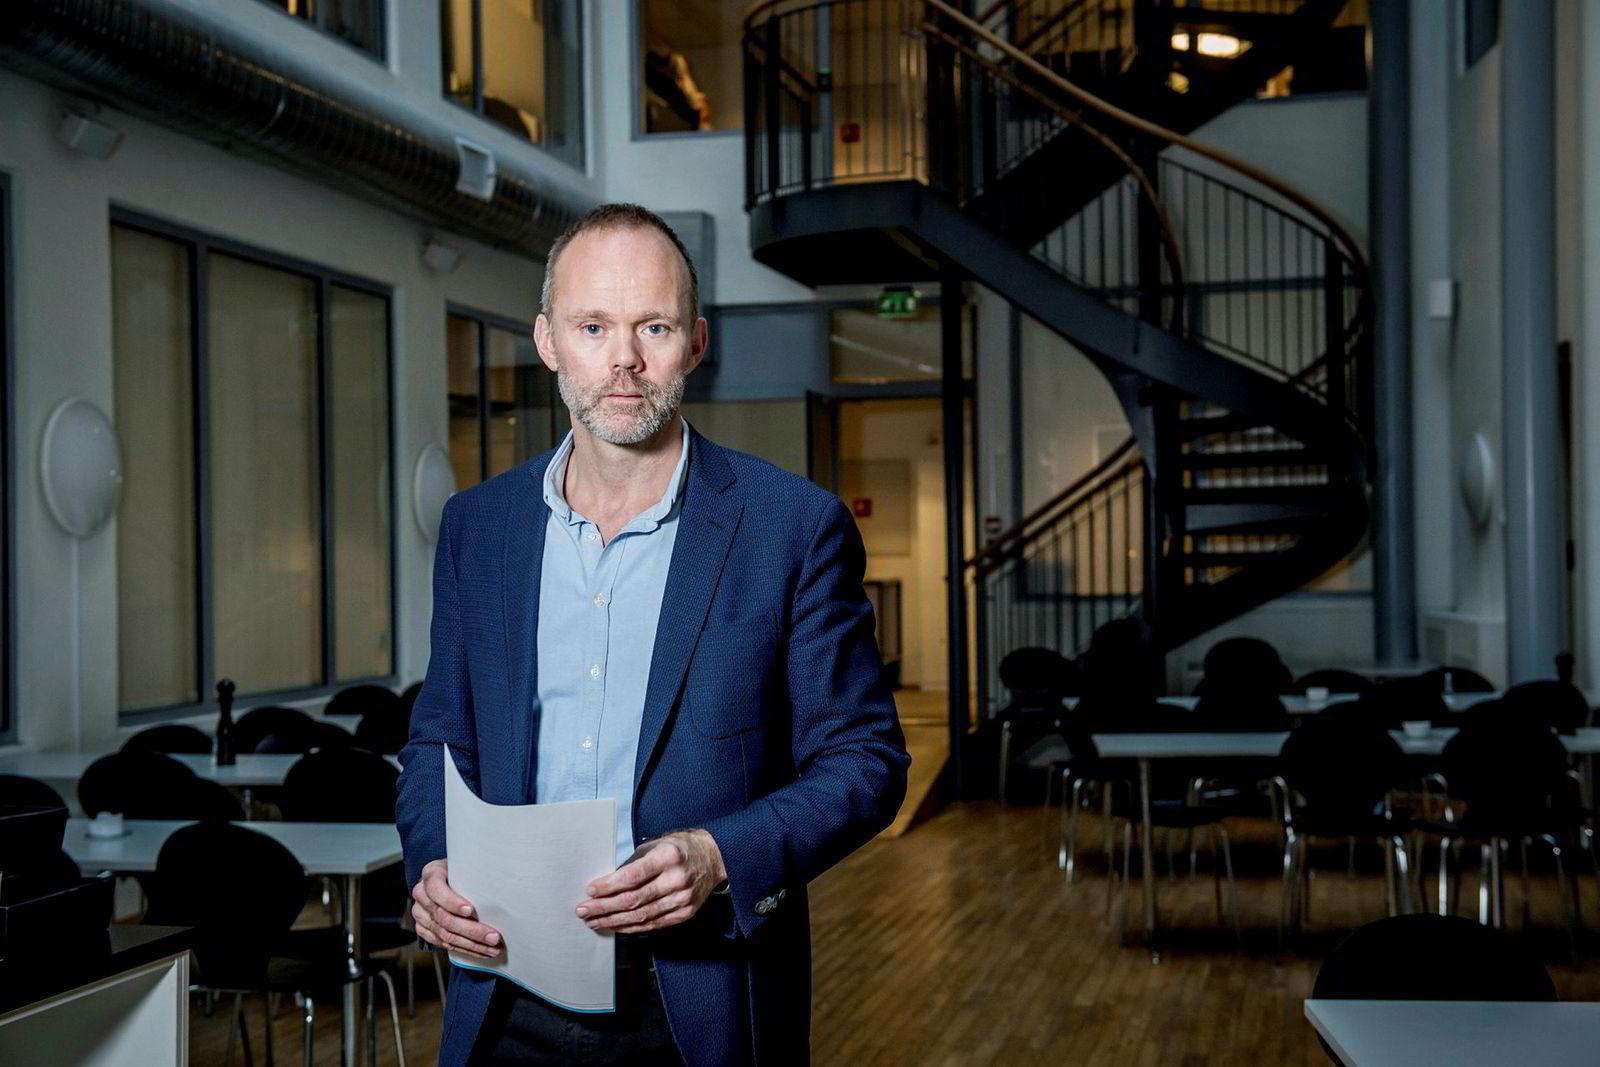 Administrerende direktør Trond Juliussen i Bonnier Media slutter selv i selskapet.